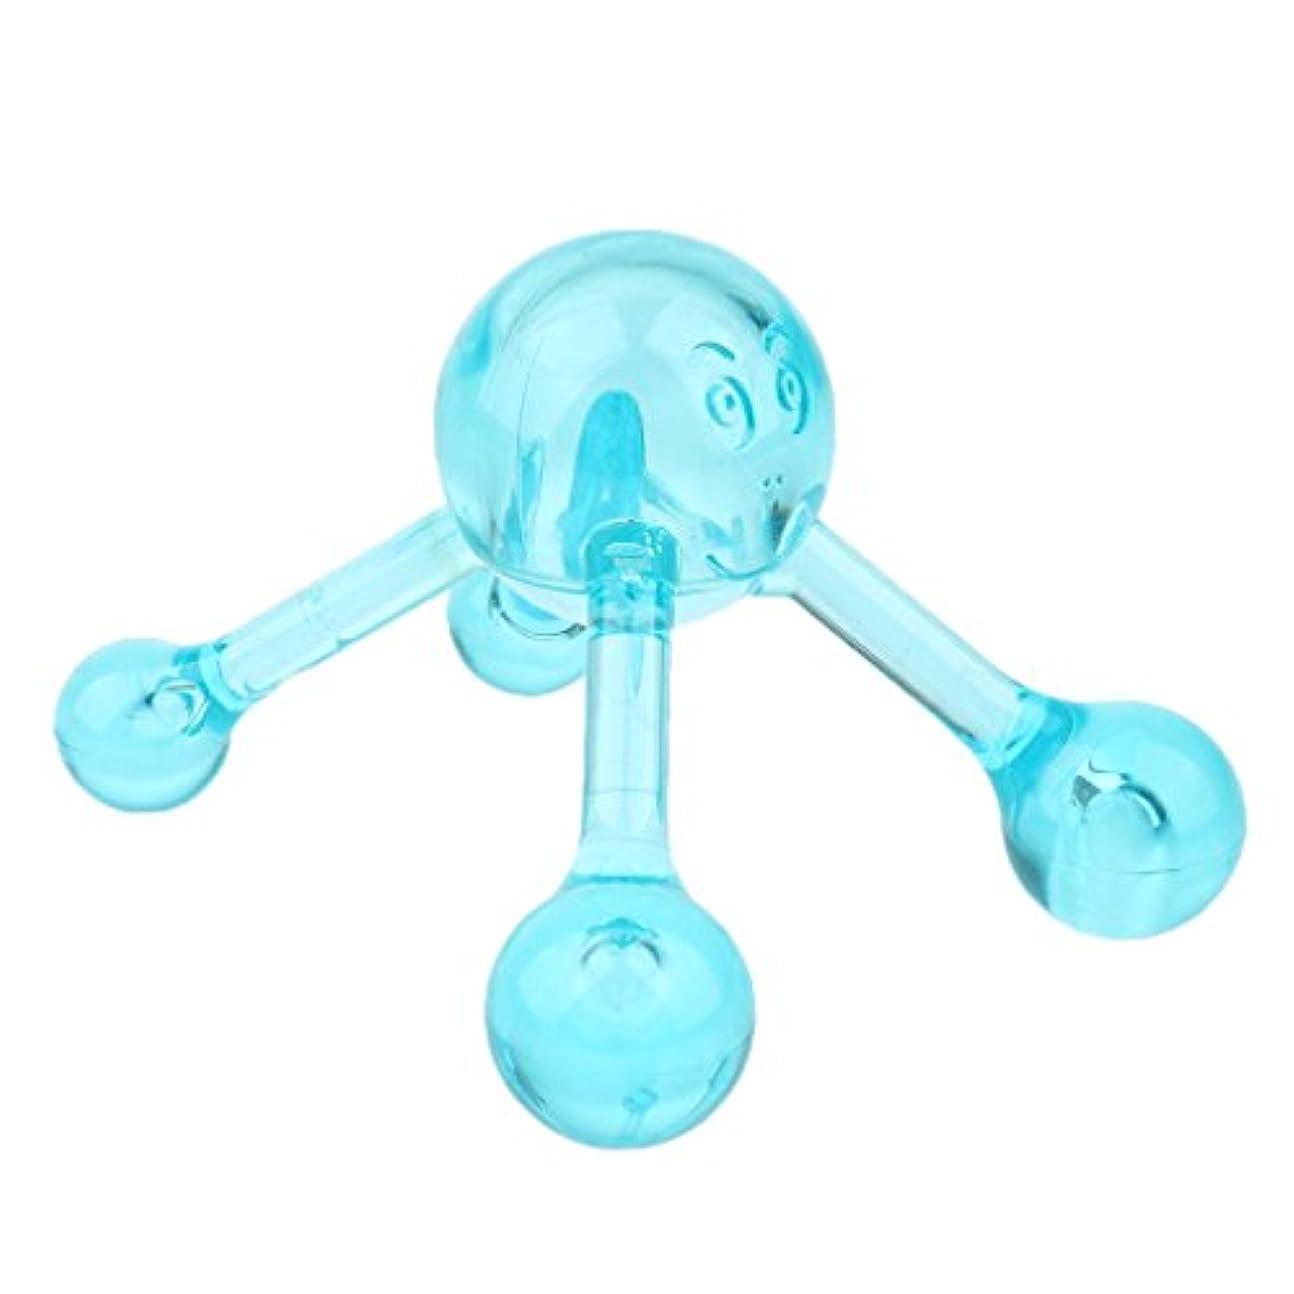 合計制限された特許マッサージツール ネック ショルダー アーム レッグ バック マッサージボール マニュアルローラー